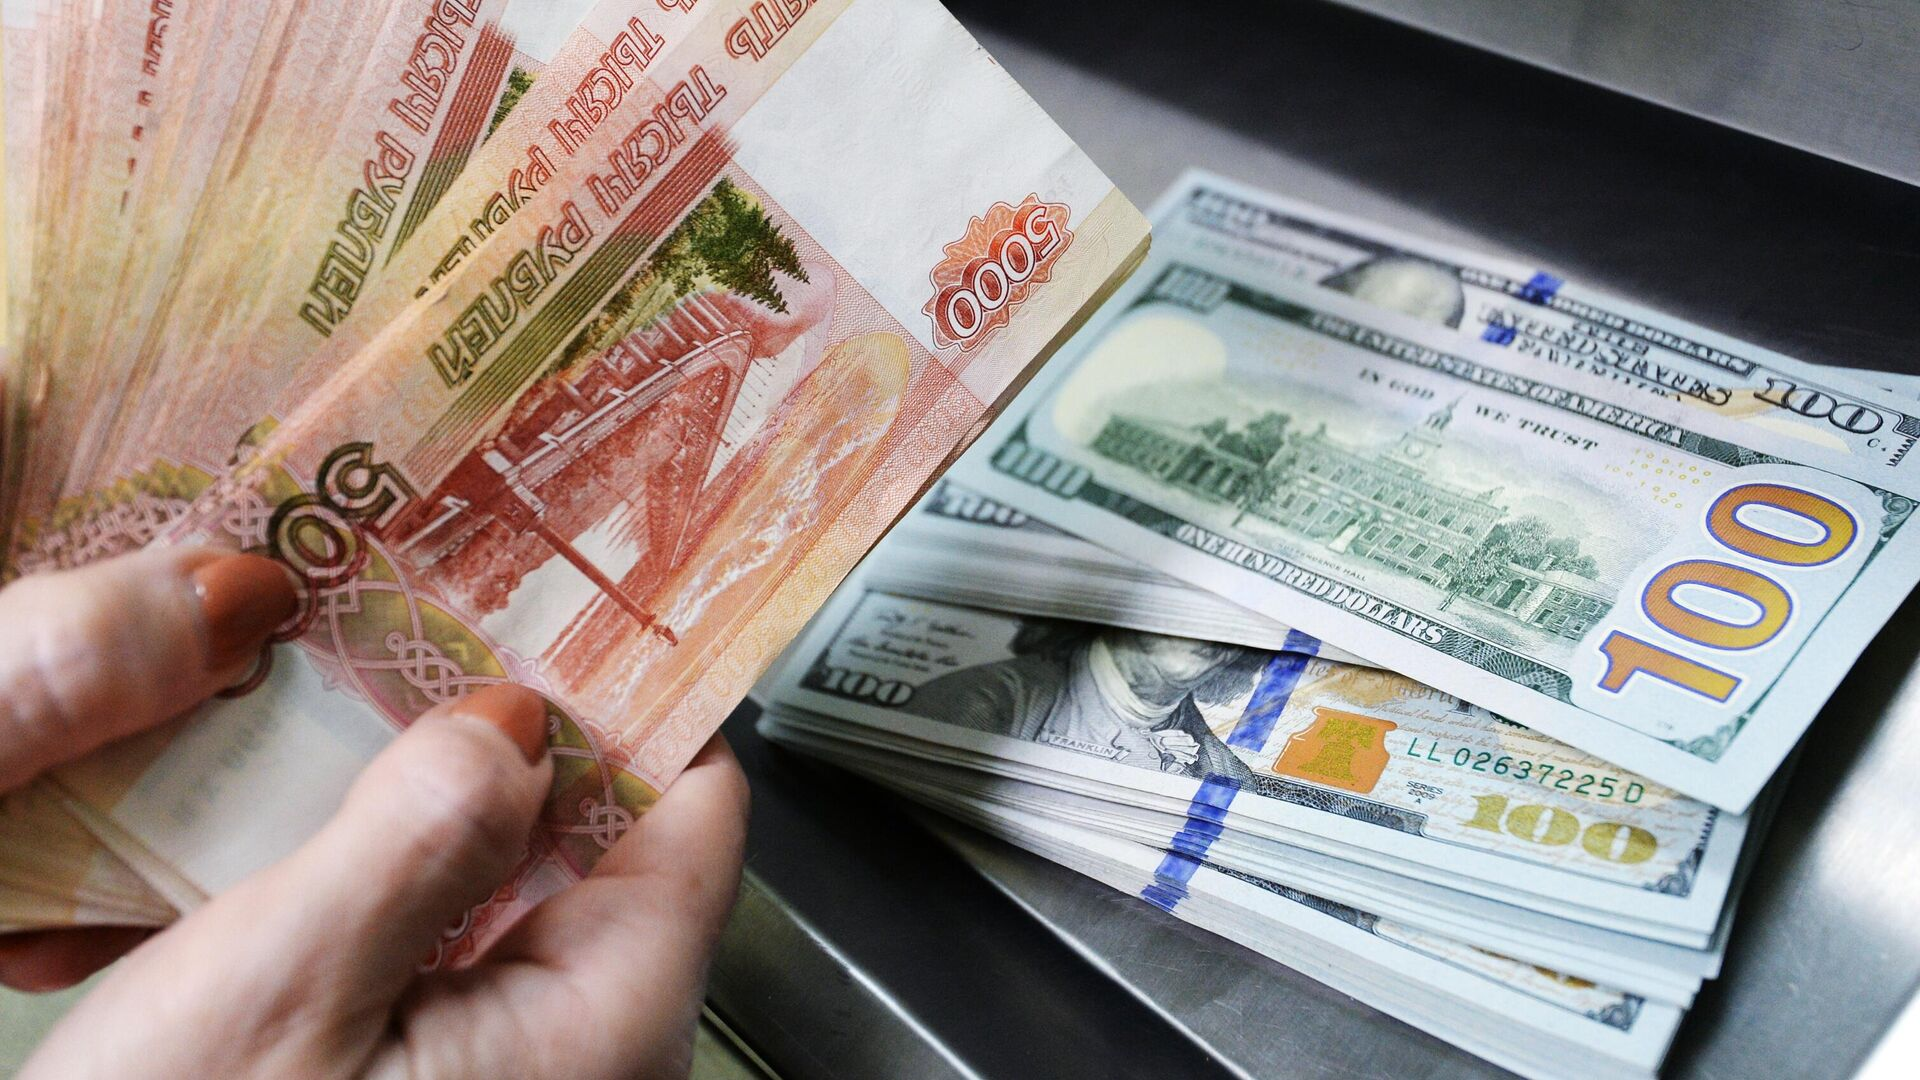 Доллары США и рубли - РИА Новости, 1920, 05.12.2020